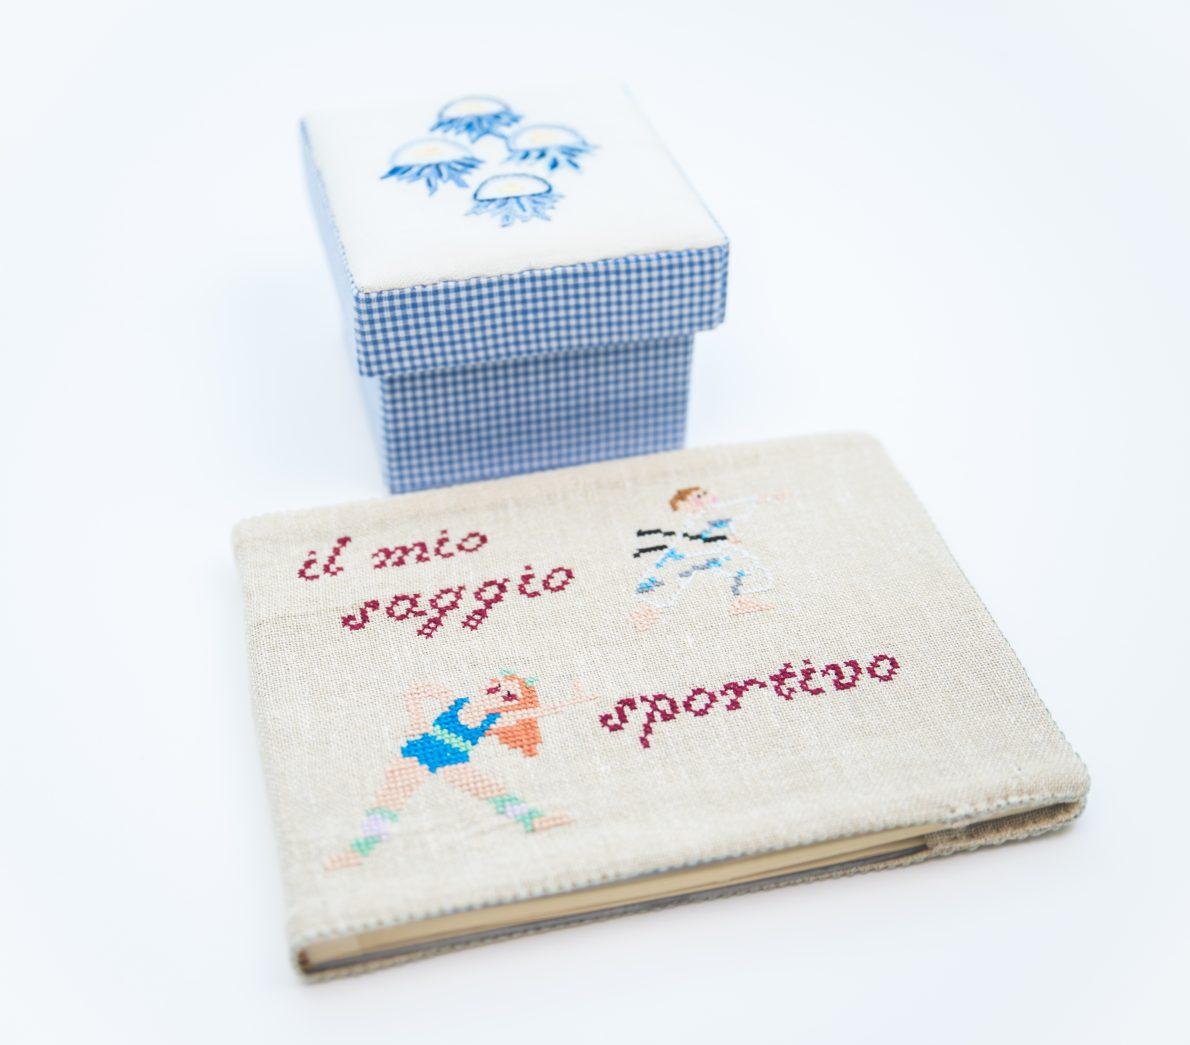 Album fotografico con copertina in tessuto ricamata, scatole decorate e ricamate